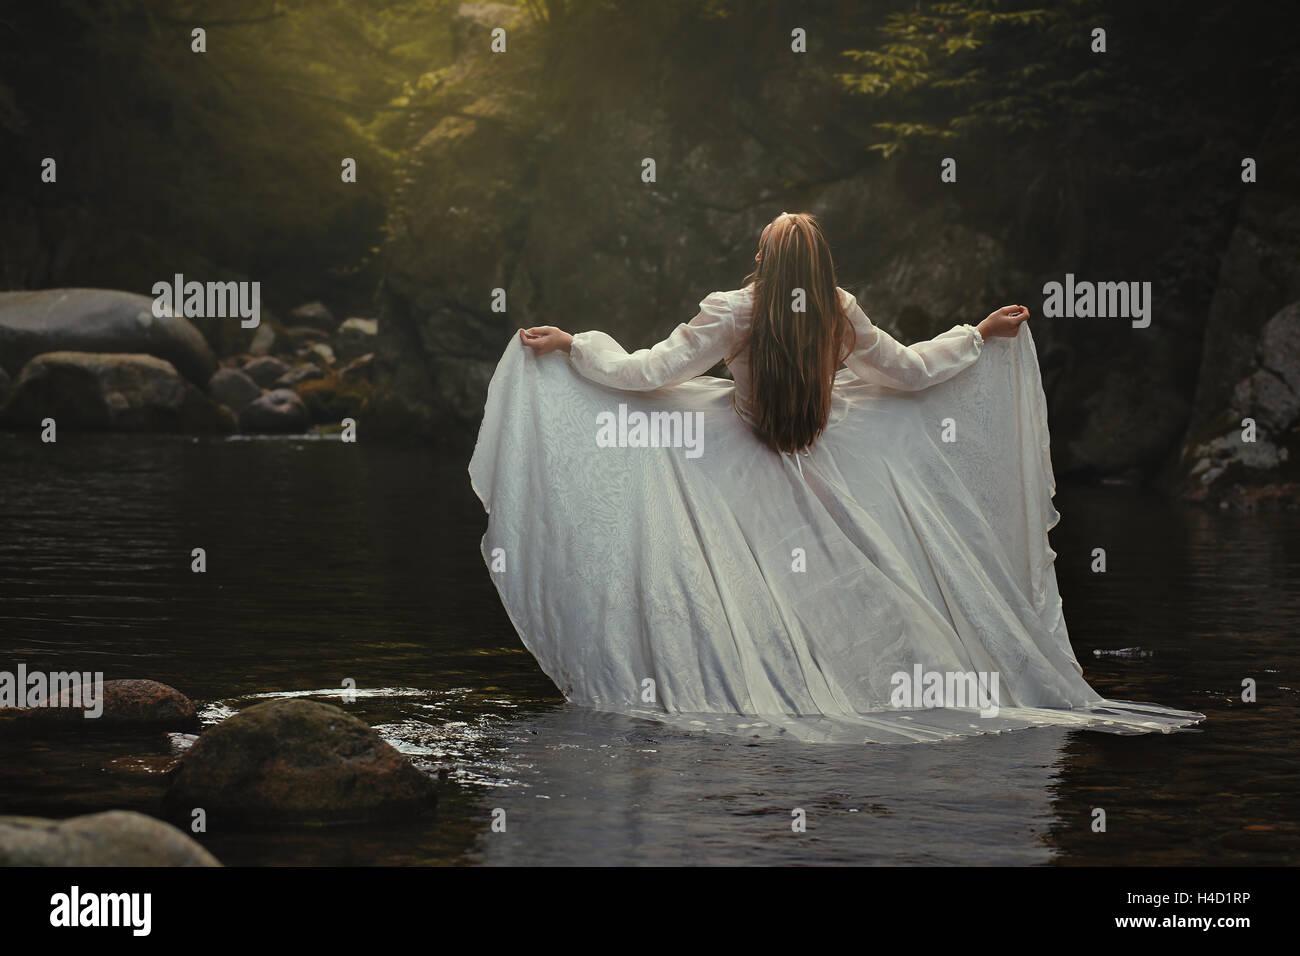 Mujer etérea escuchando la música del río. Romántico y surrealista Imagen De Stock